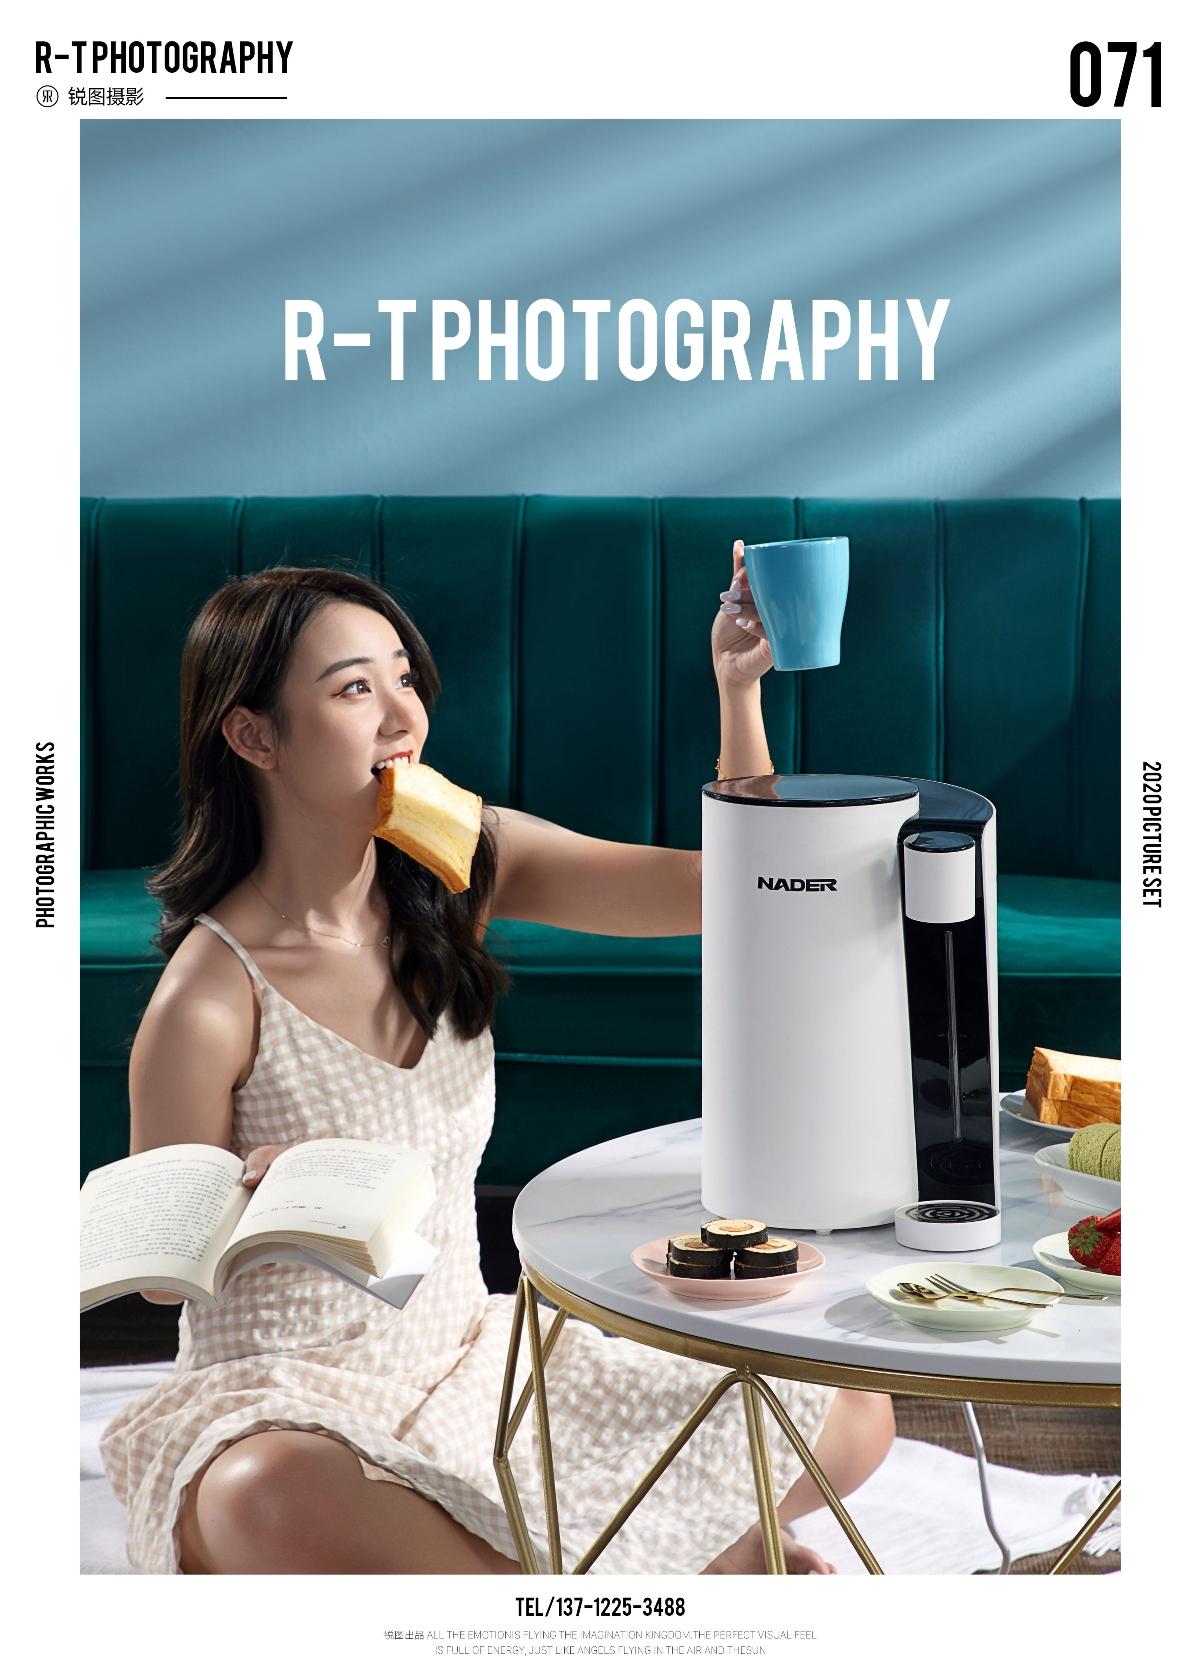 饮水机拍摄_小家电产品摄影 场景静物拍摄-厨房电器-东莞产品摄影-锐图摄影